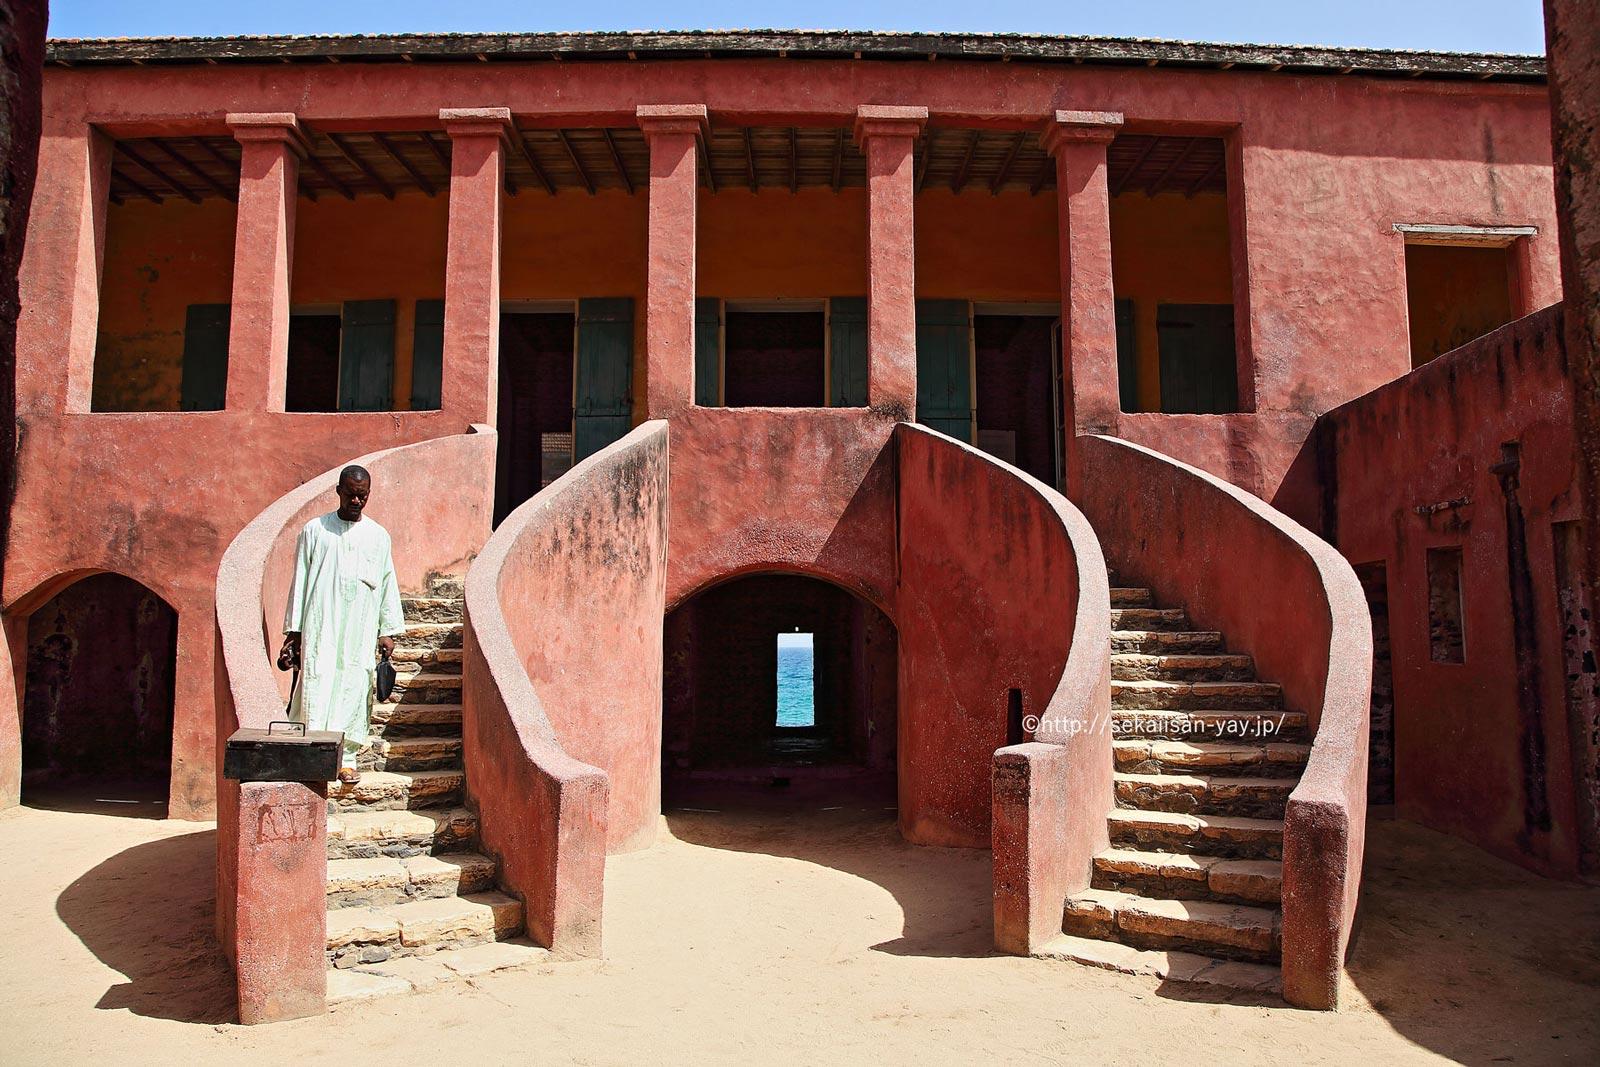 セネガル「ゴレ島」